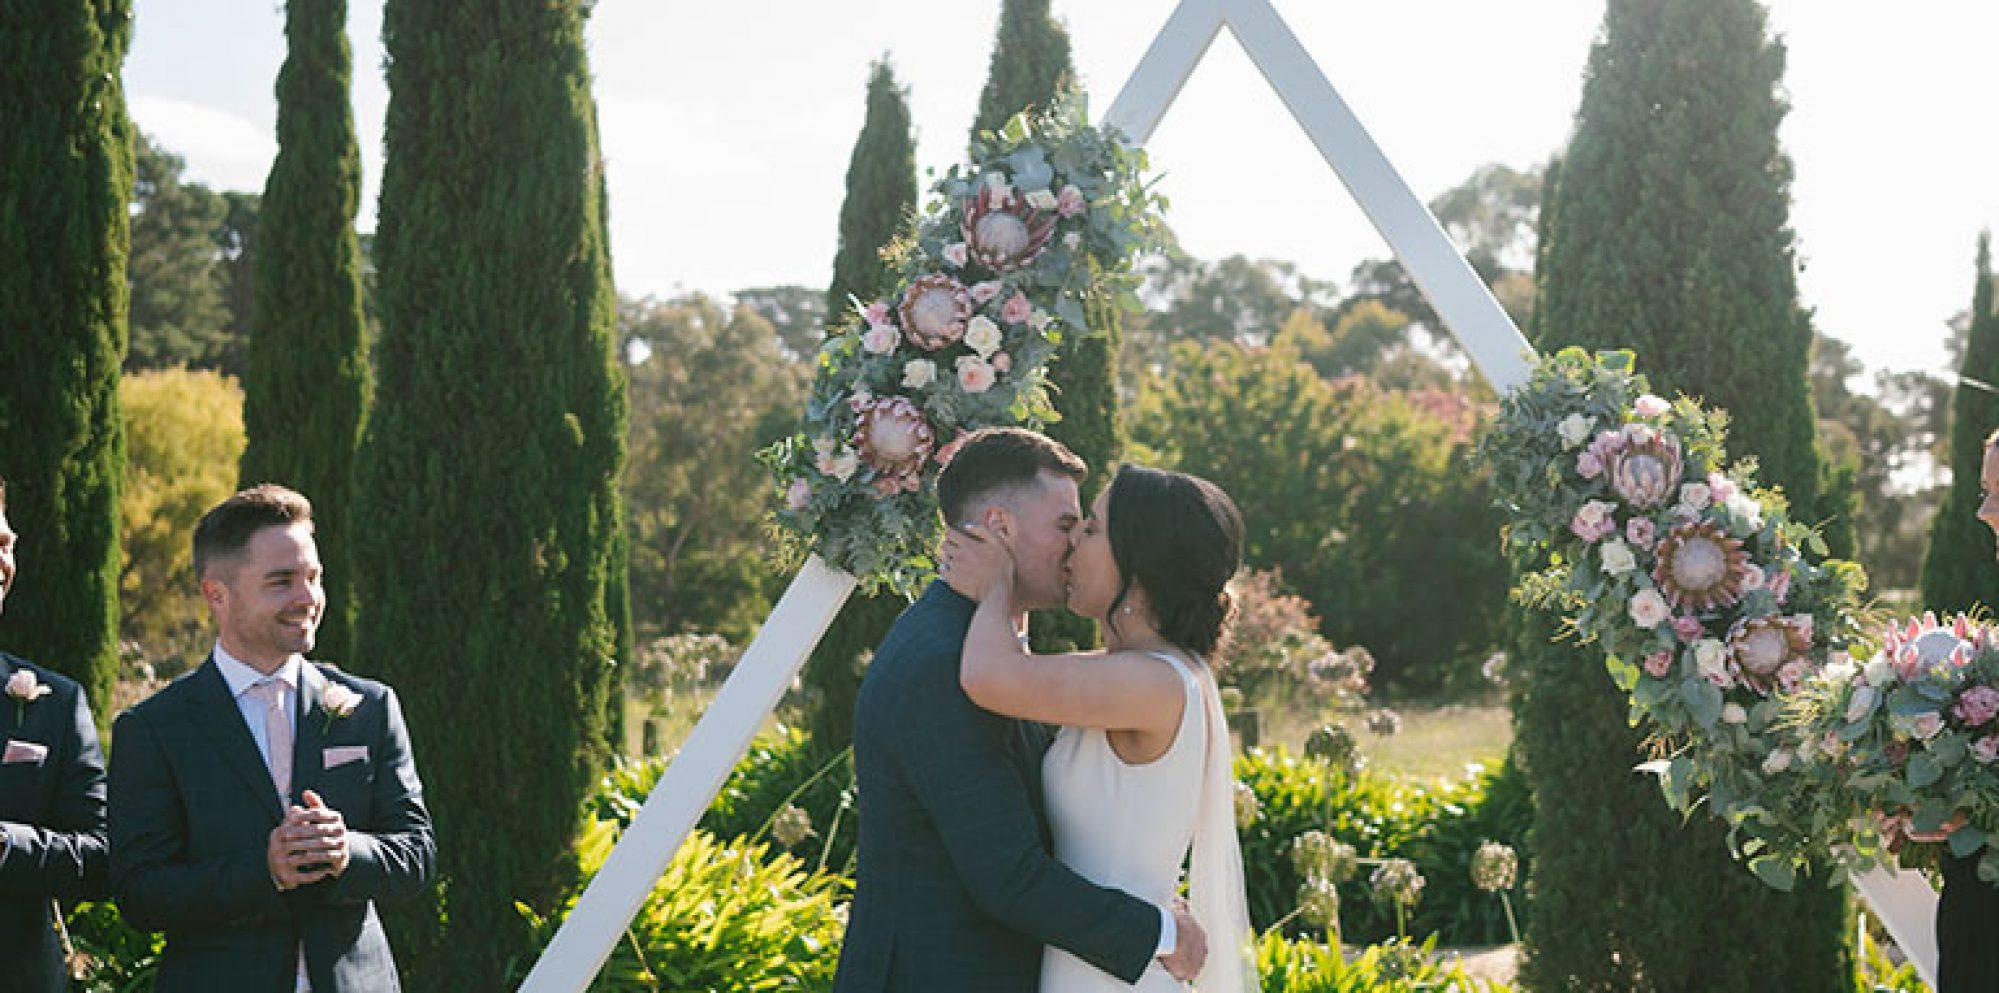 Jacob & sarah melbourne wedding videography @ barn & co